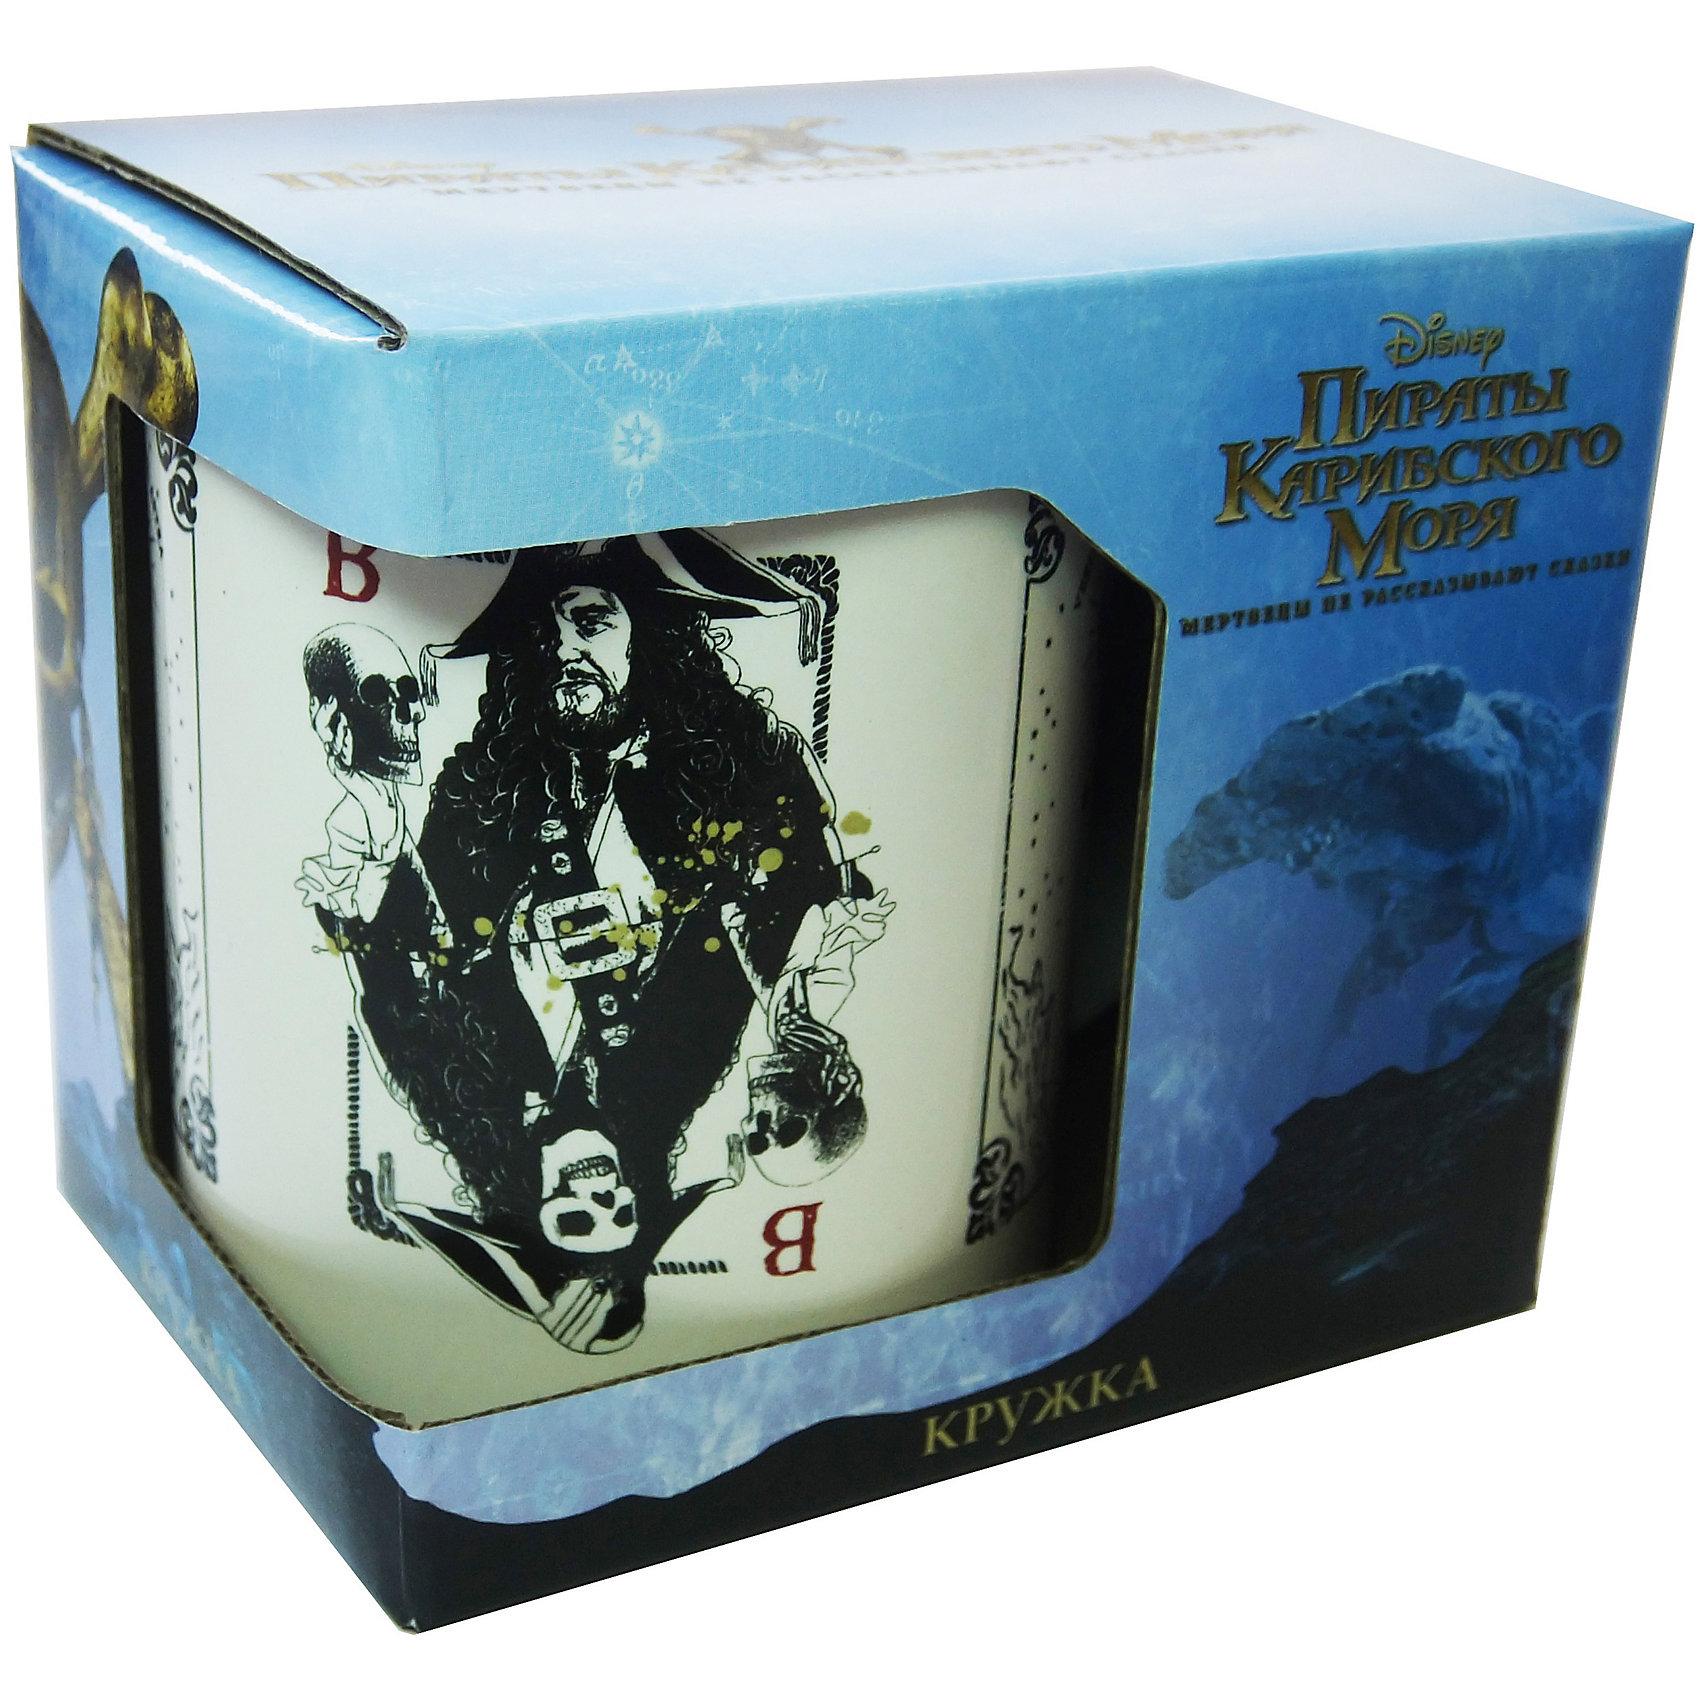 Кружка Пираты Карибского Моря. Карты в подарочной упаковке, 500мл., DisneyПосуда<br>Характеристики:<br><br>• Материал: керамика<br>• Можно использовать для горячих и холодных напитков<br>• Объем: 500 мл<br>• Упаковка: подарочная картонная коробка<br>• Вес: 530 г <br>• Размеры (Д*Ш*В): 12*8,2*9,5 см<br>• Особенности ухода: можно мыть в посудомоечной машине<br><br>Кружка Пираты Карибского моря. Карты в подарочной упаковке, 500 мл., Disney выполнена в стильном дизайне: на белый корпус нанесено изображение имитирующее игральные карты с героями фильма. Изображение устойчиво к появлению царапин, не выцветает при частом мытье. <br><br>Кружку Пираты Карибского моря. Карты в подарочной упаковке, 500 мл., Disney можно купить в нашем интернет-магазине.<br><br>Ширина мм: 120<br>Глубина мм: 82<br>Высота мм: 95<br>Вес г: 530<br>Возраст от месяцев: 36<br>Возраст до месяцев: 1188<br>Пол: Унисекс<br>Возраст: Детский<br>SKU: 6849950